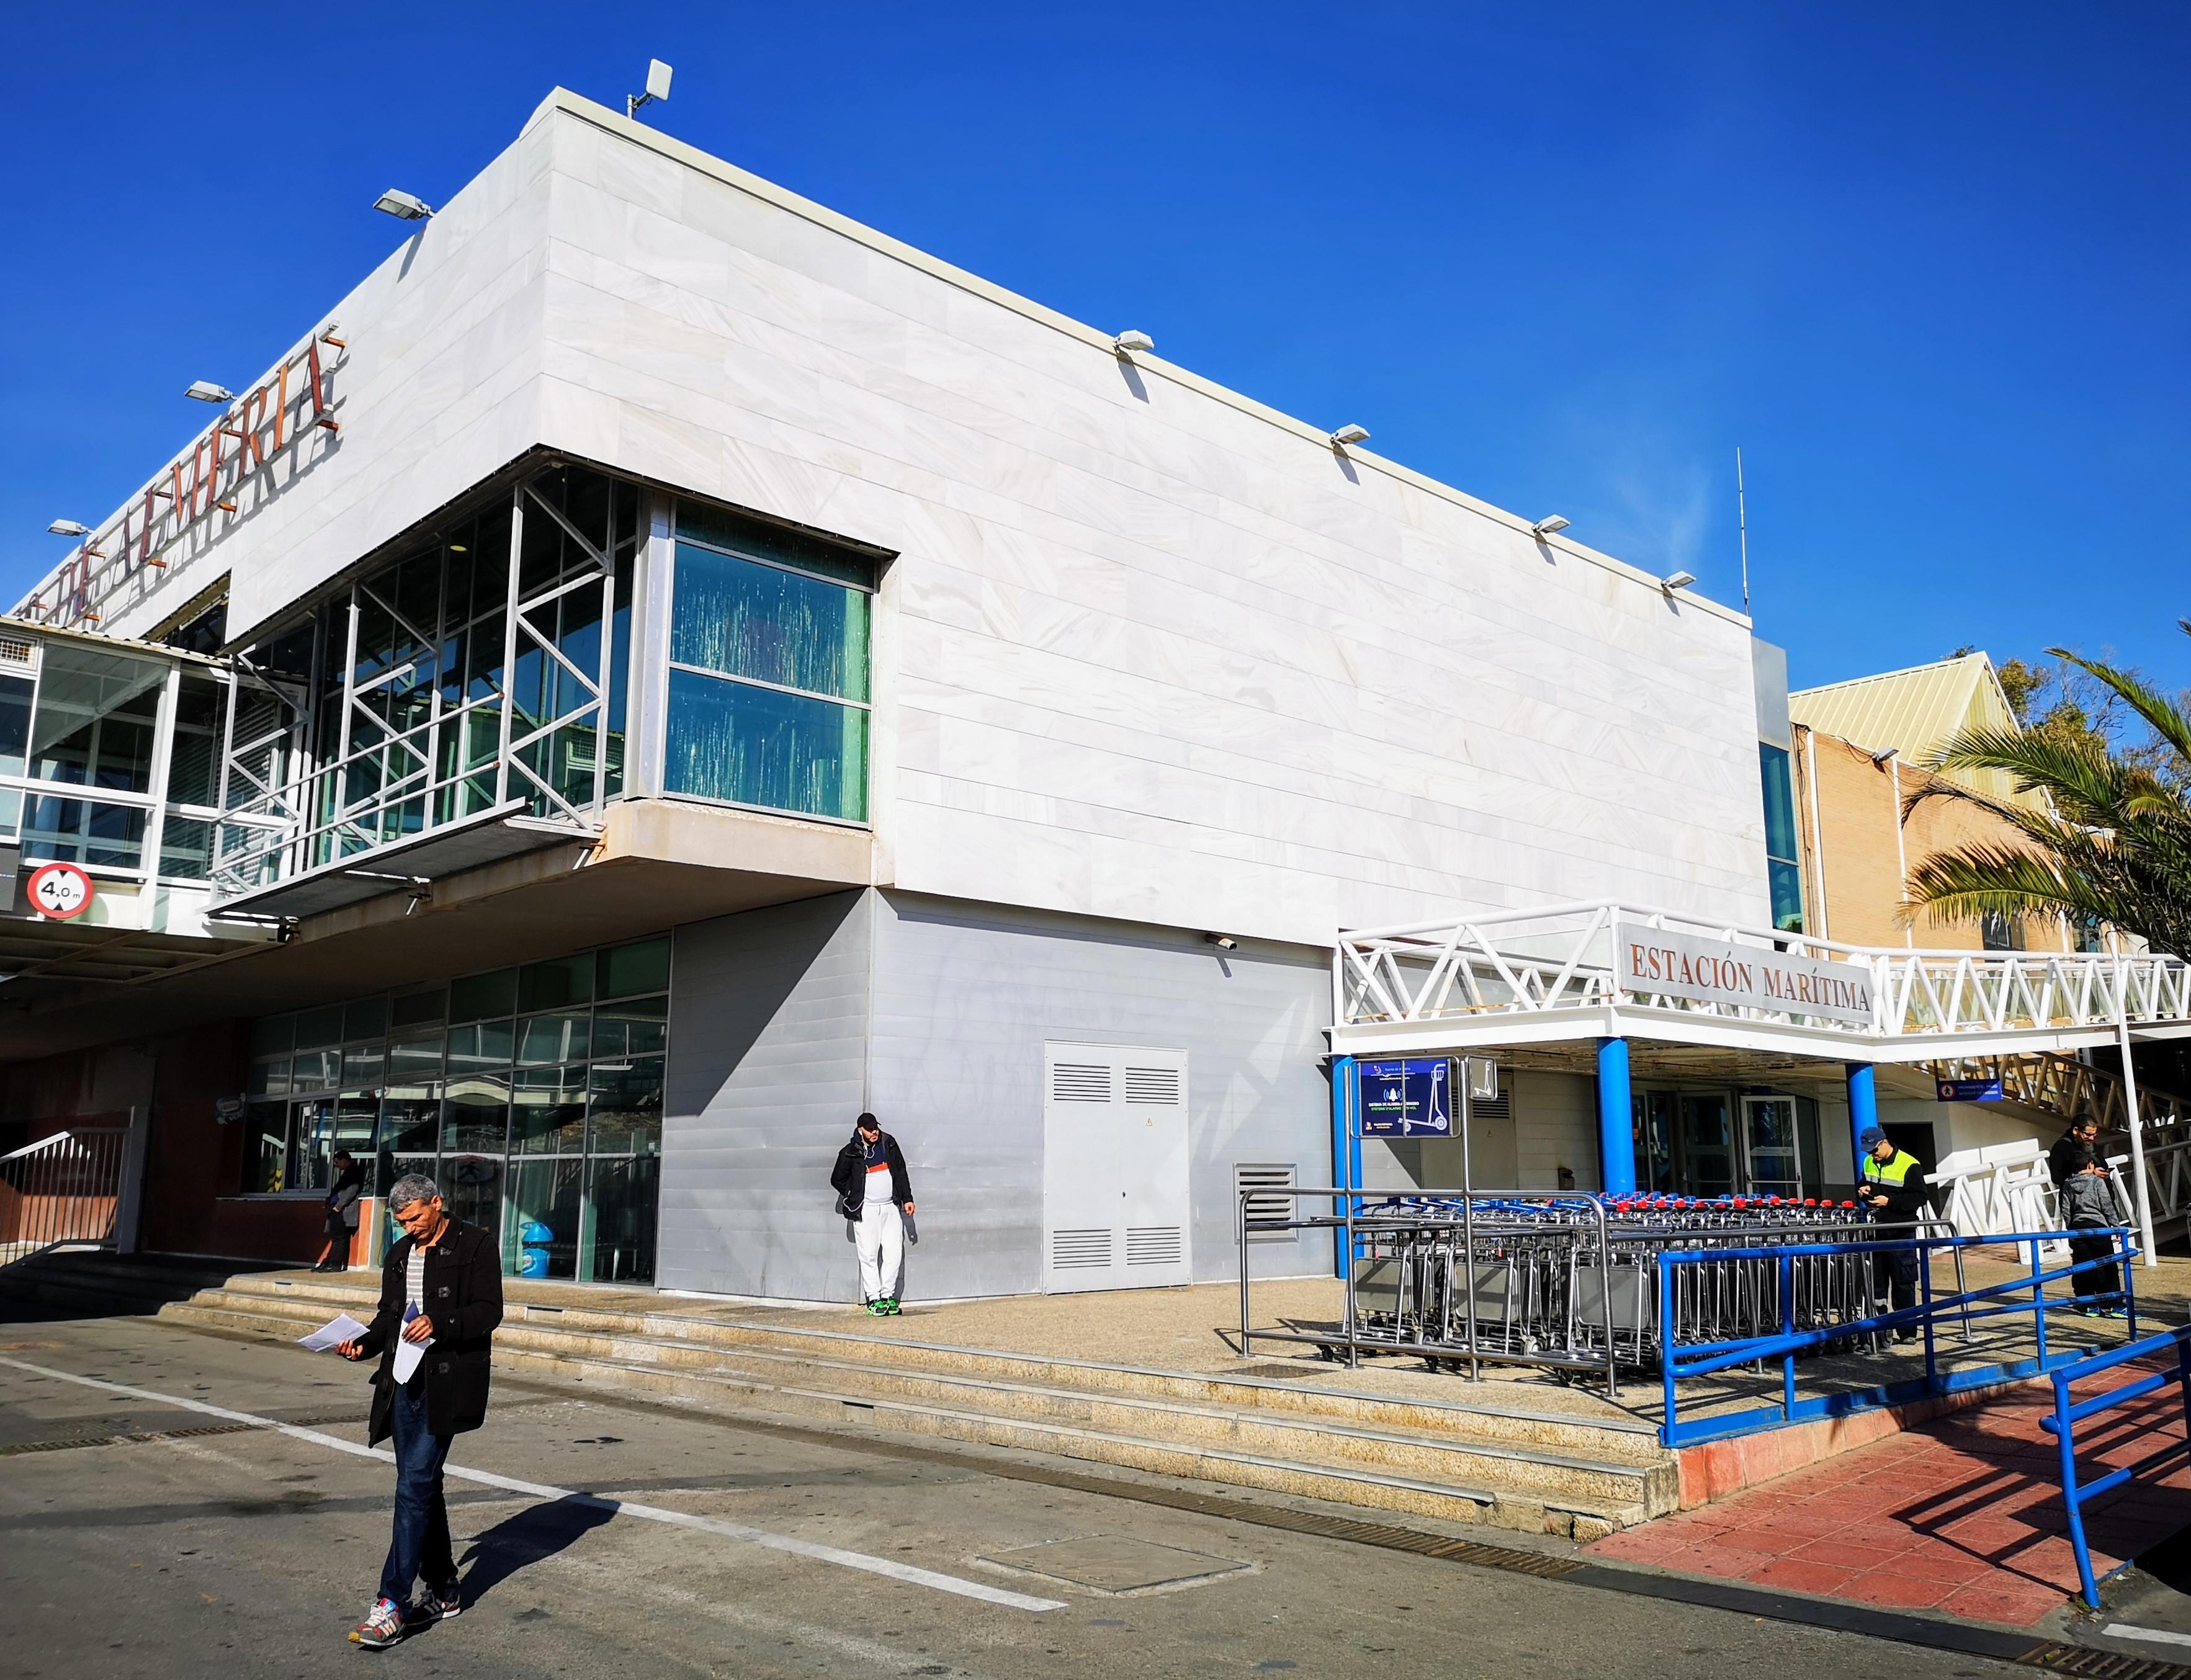 La estación marítima del puerto de Almería se autoabastecerá con energía fotovoltaica